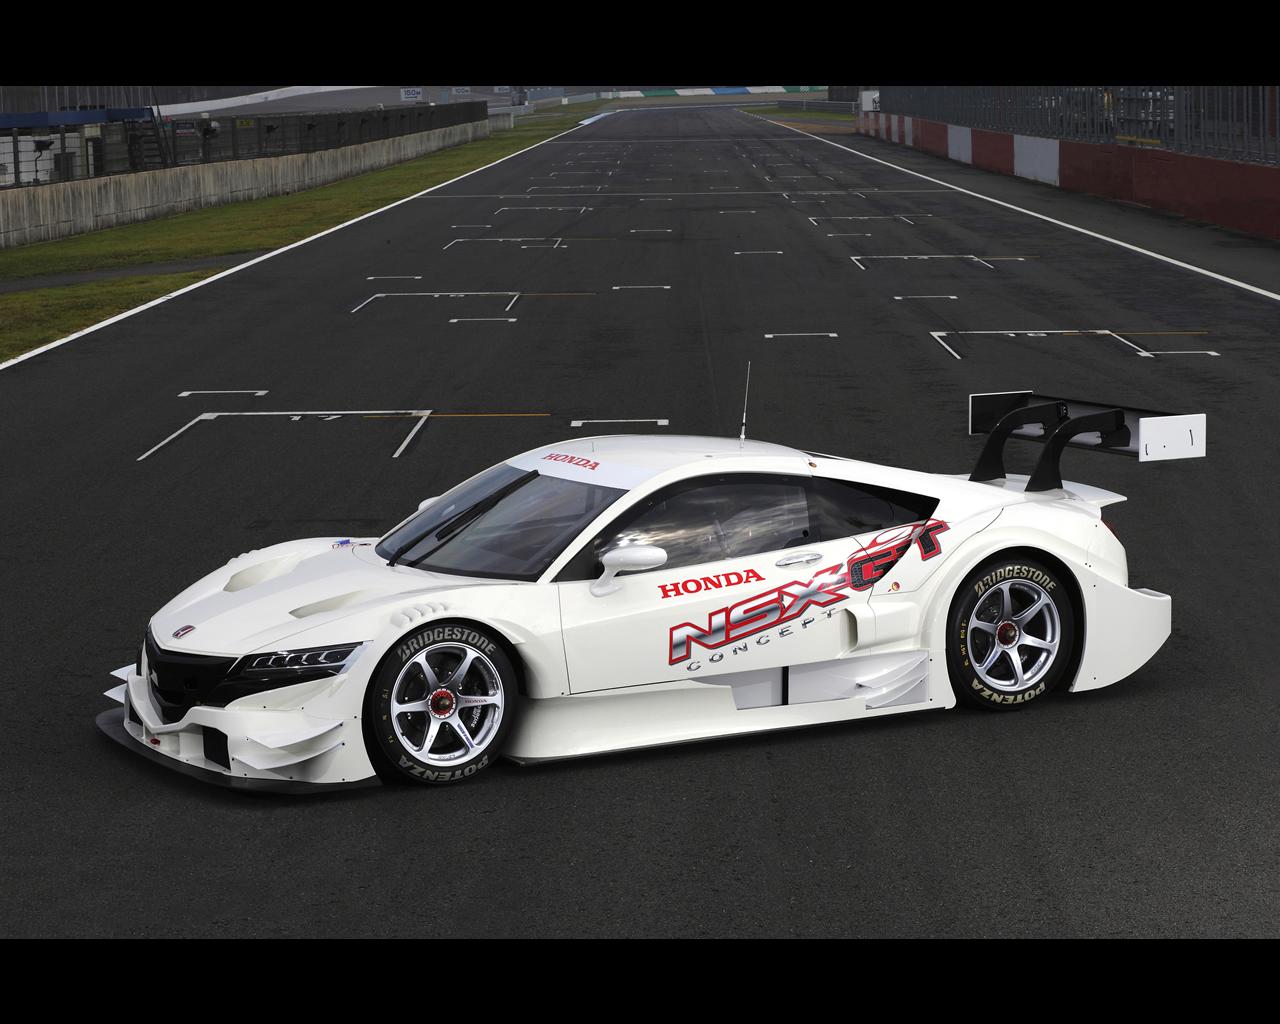 Honda Nsx Concept Gt Hybrid Prototype For 2014